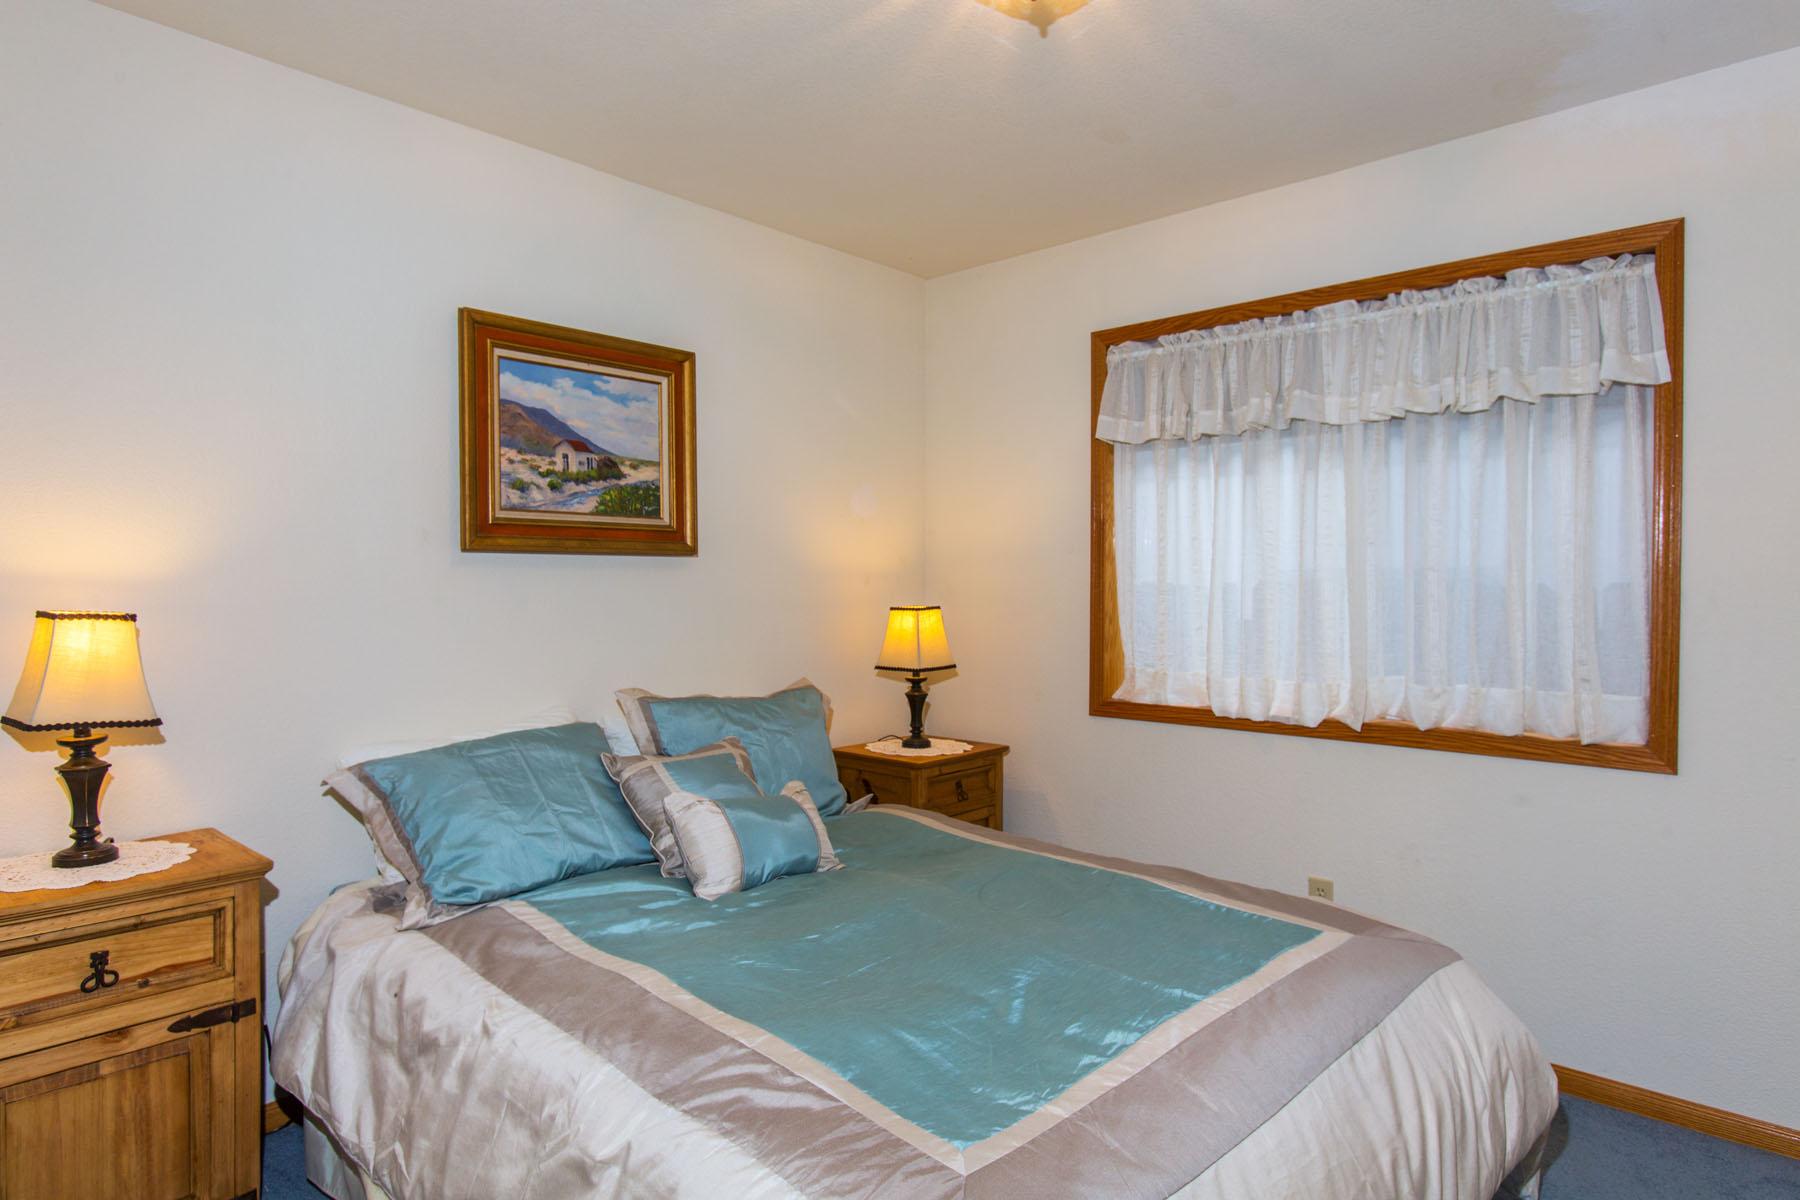 Tahoe, Springwood Home 3rd bedroom